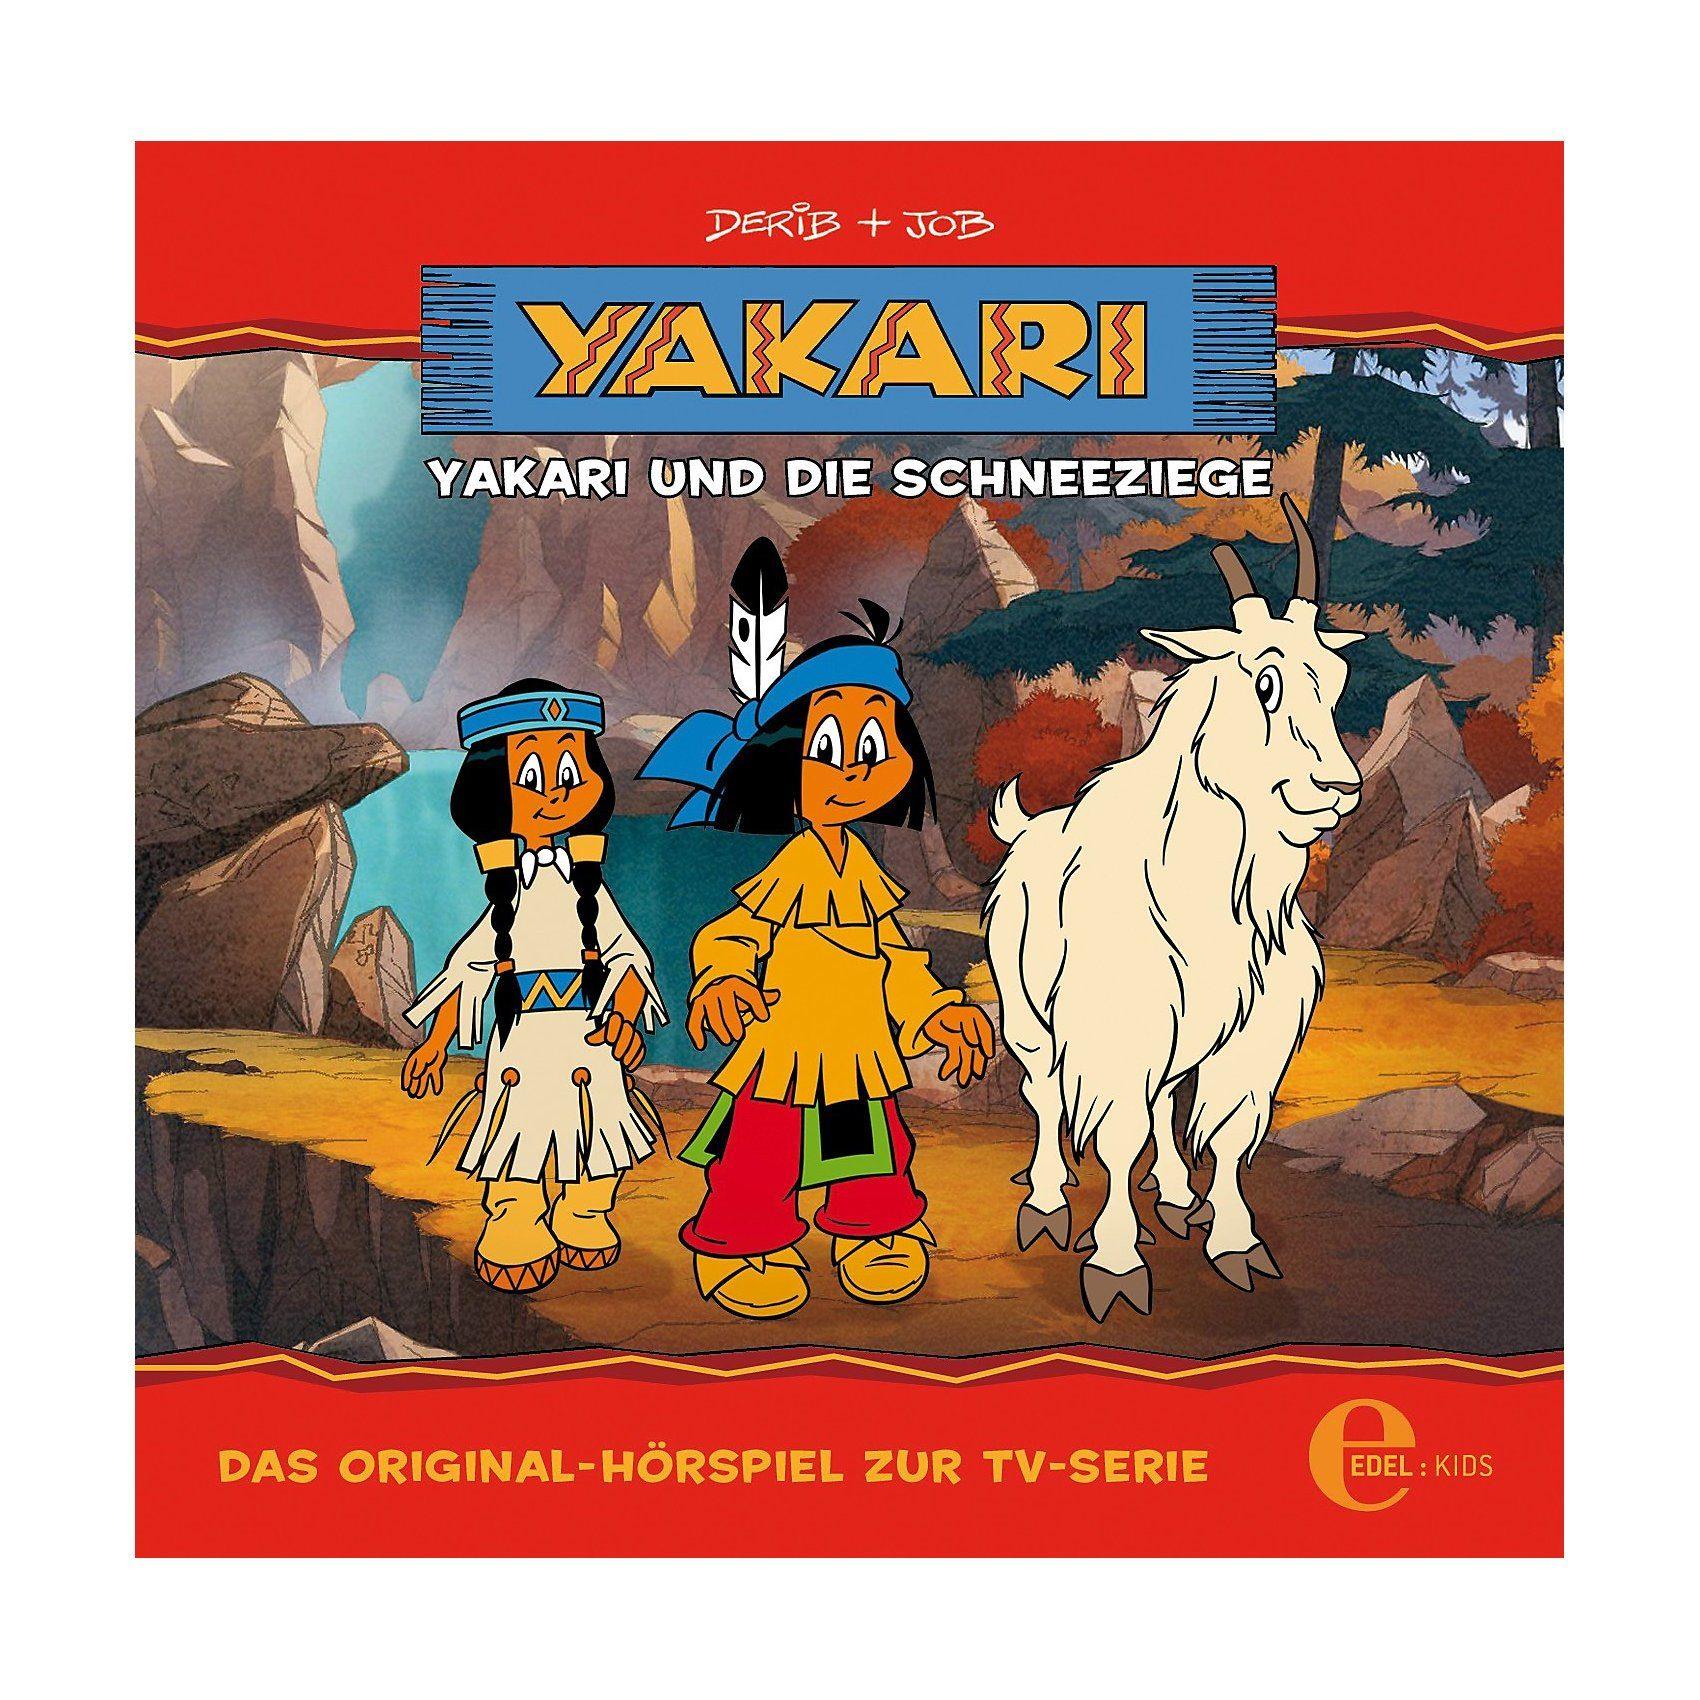 Edel CD Yakari - Yakari und die Schneeziege